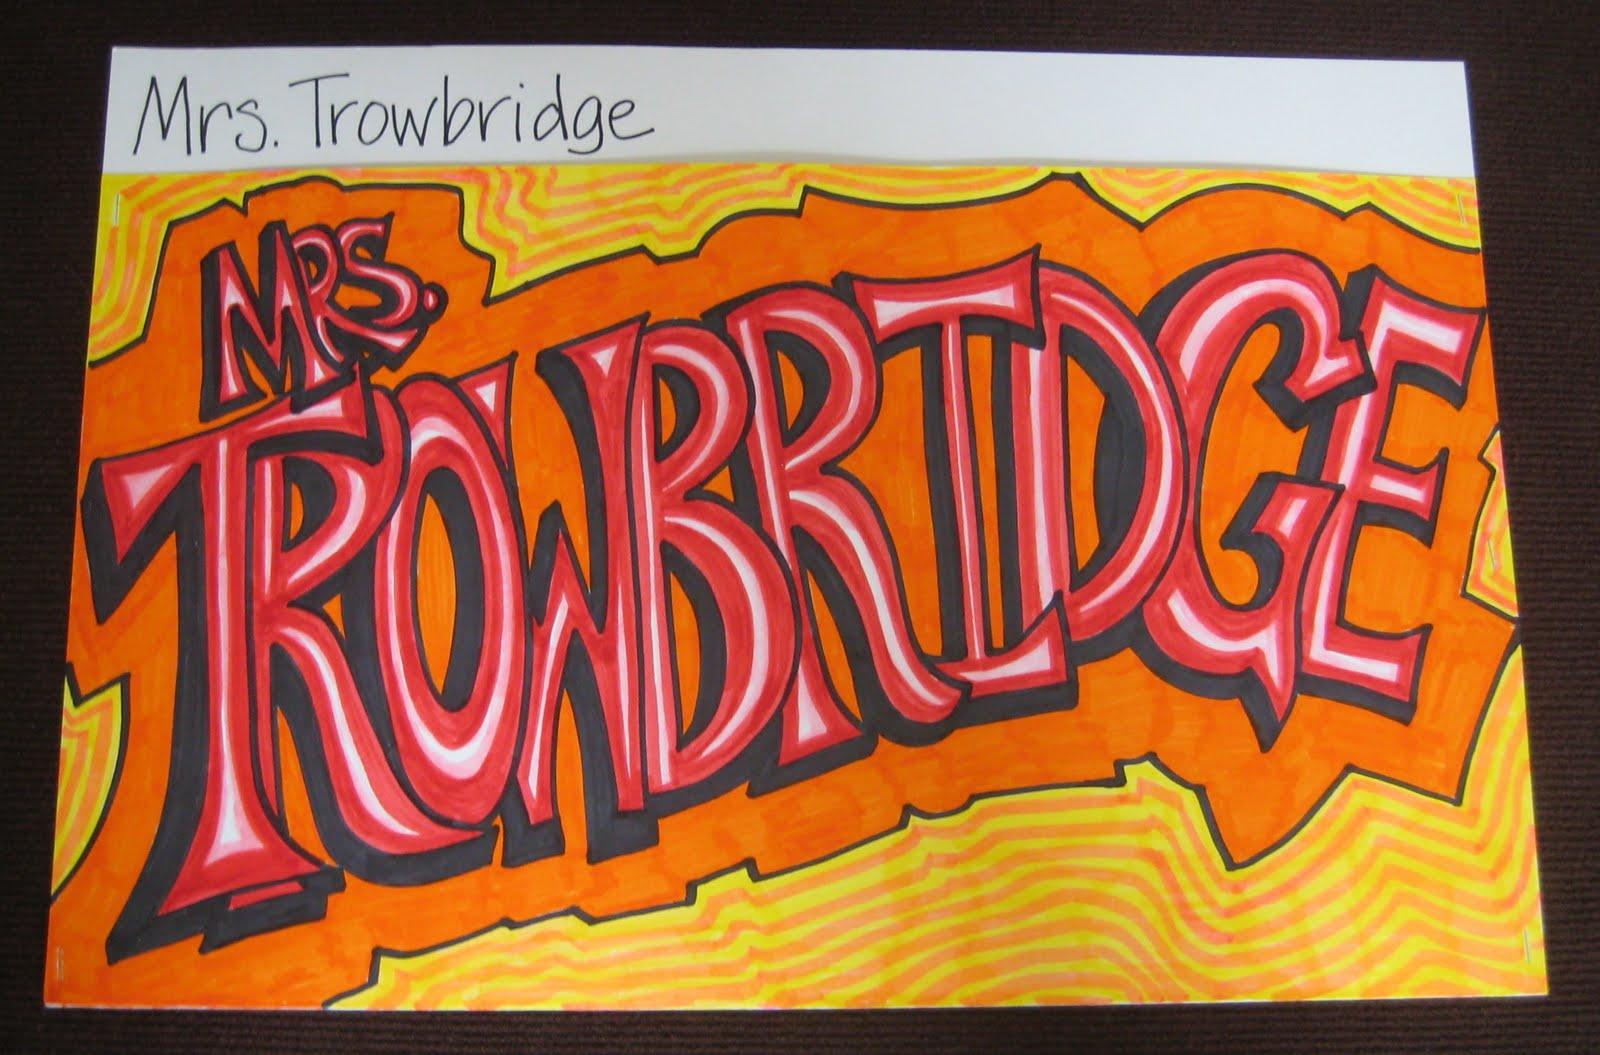 Portfolio project for middle school graffiti names